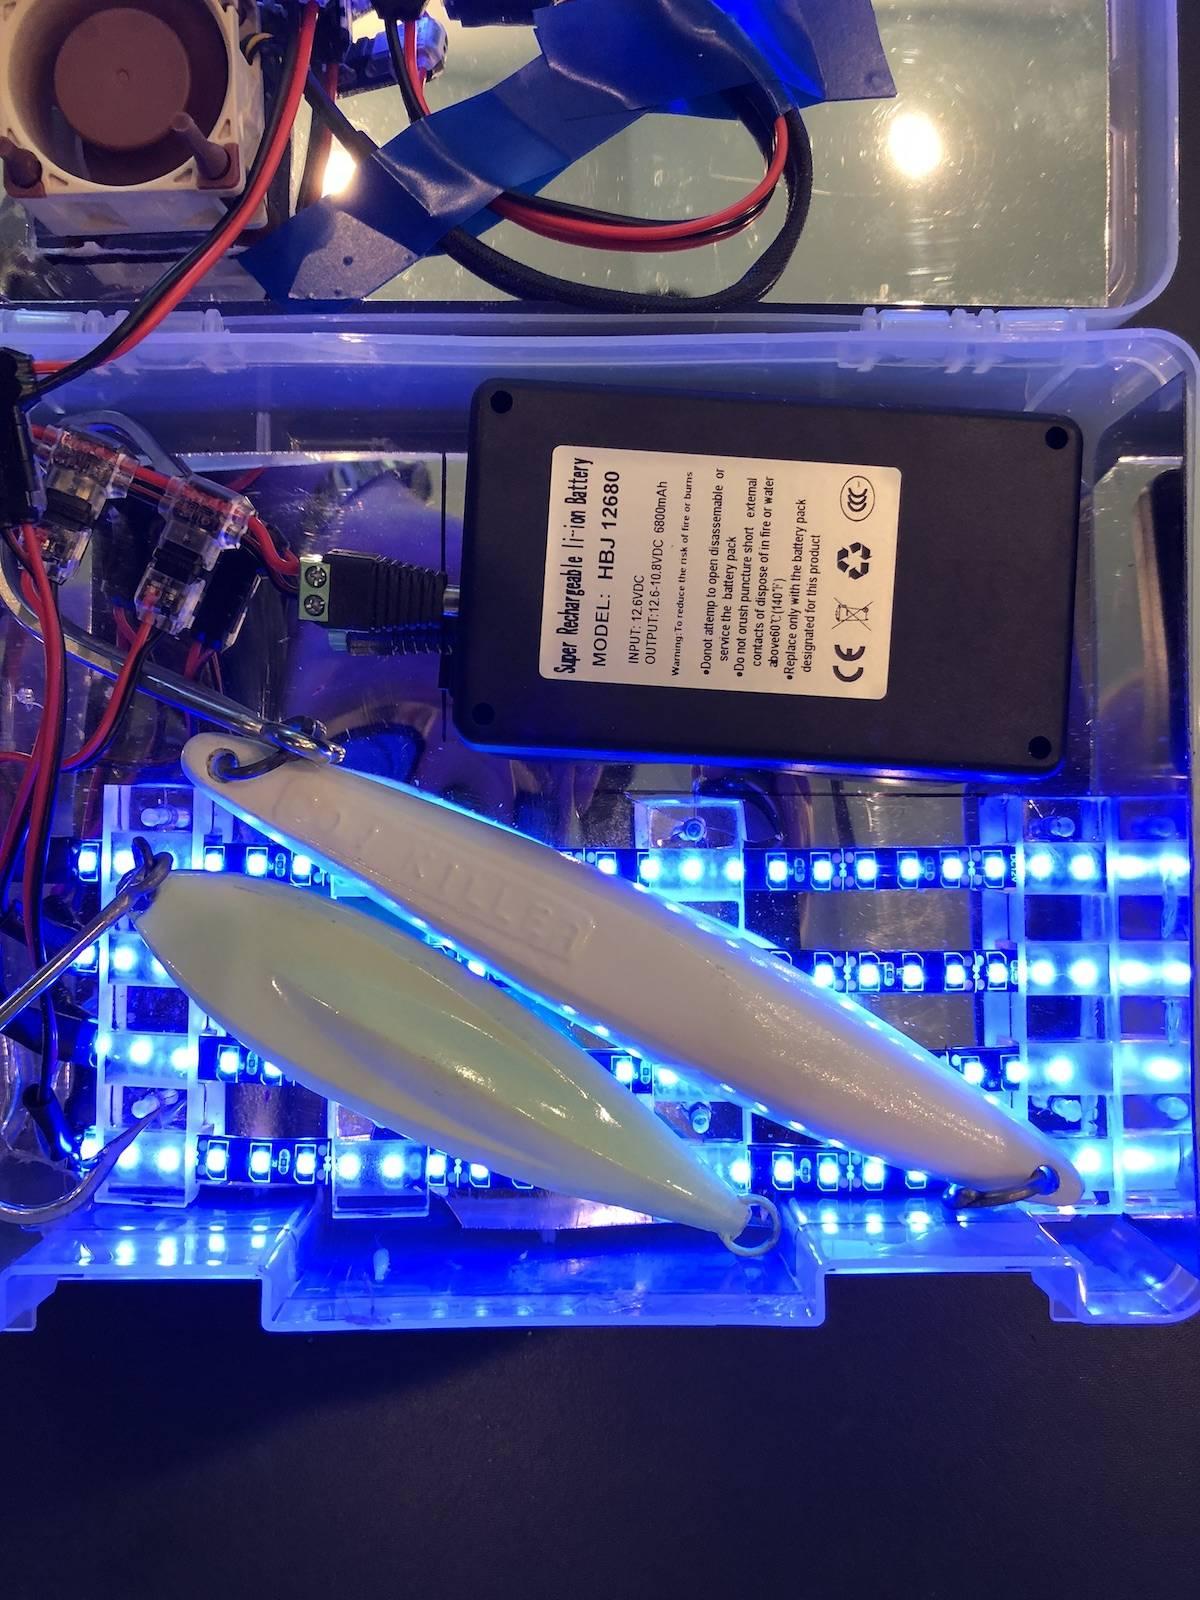 UV'r with jigs 4x6.jpeg